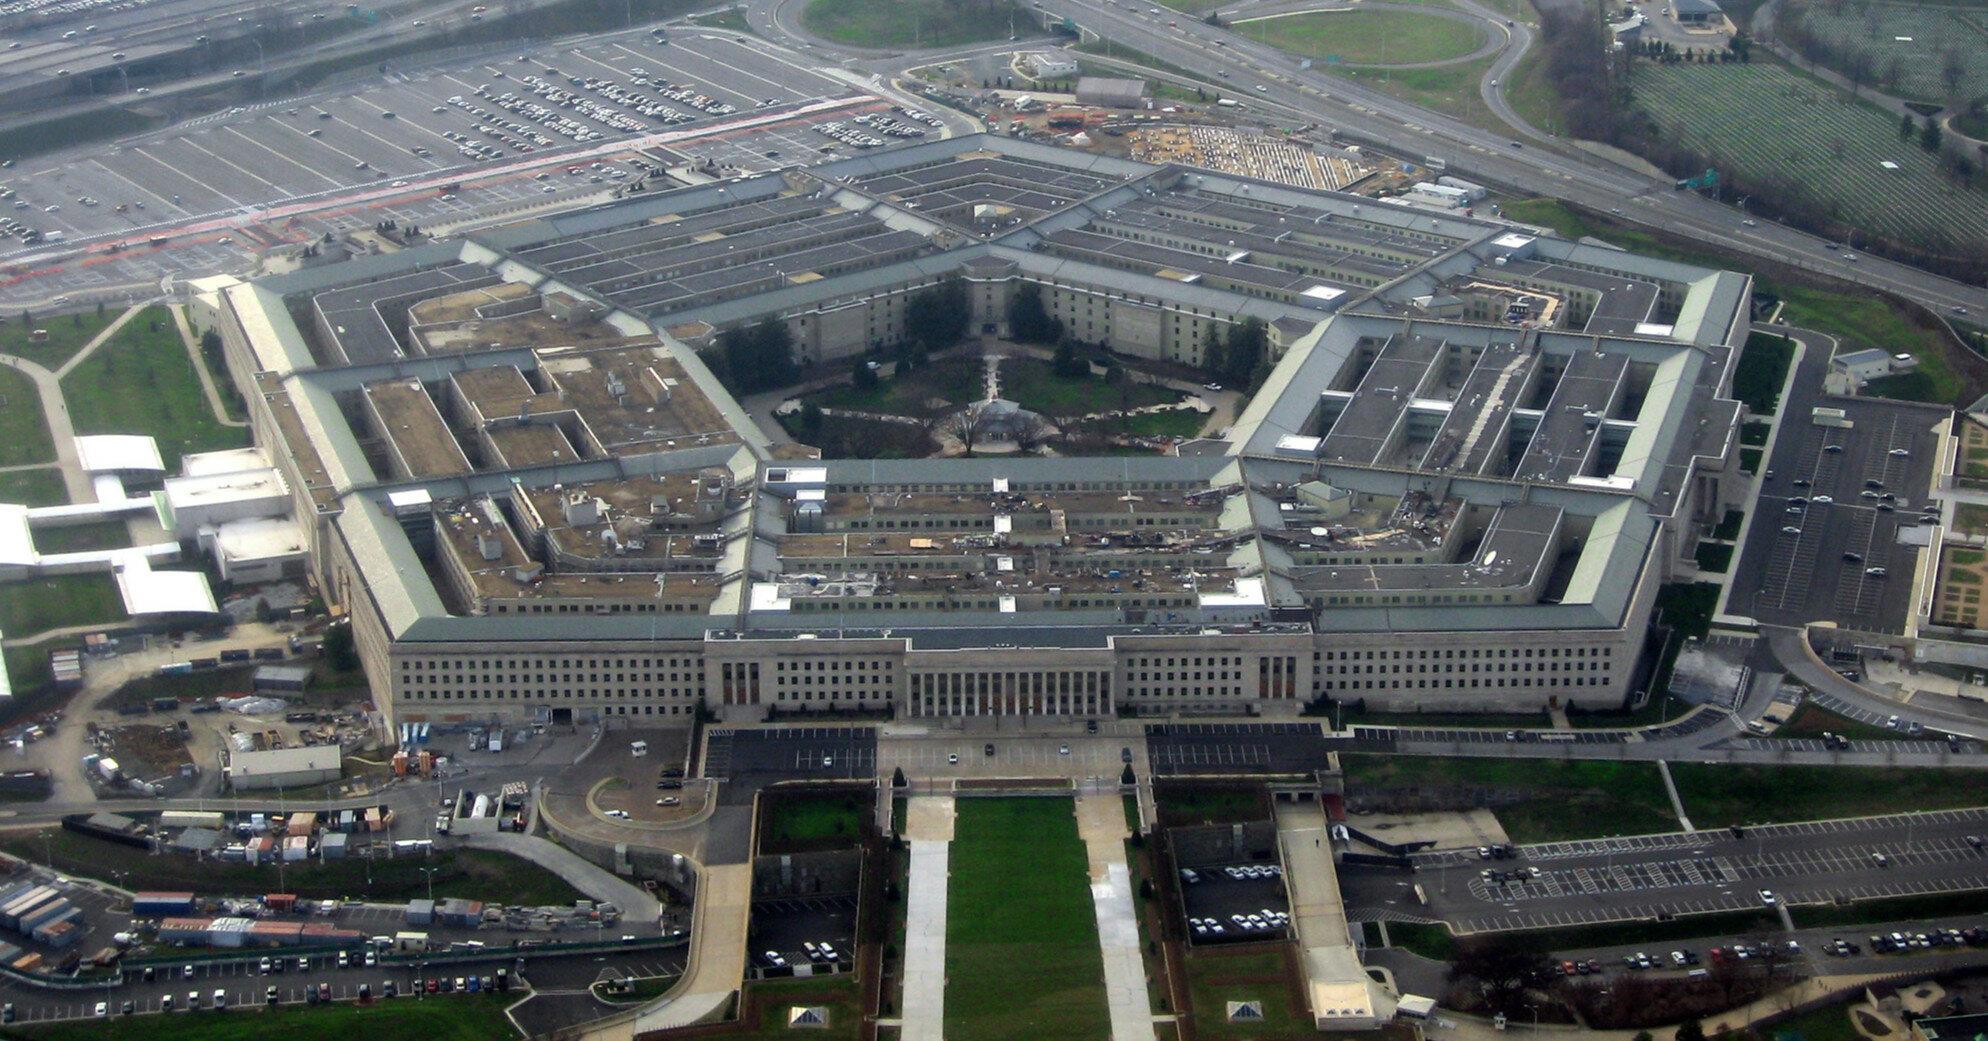 Пентагон: противники США имеют большой запас гиперзвуковых ракет